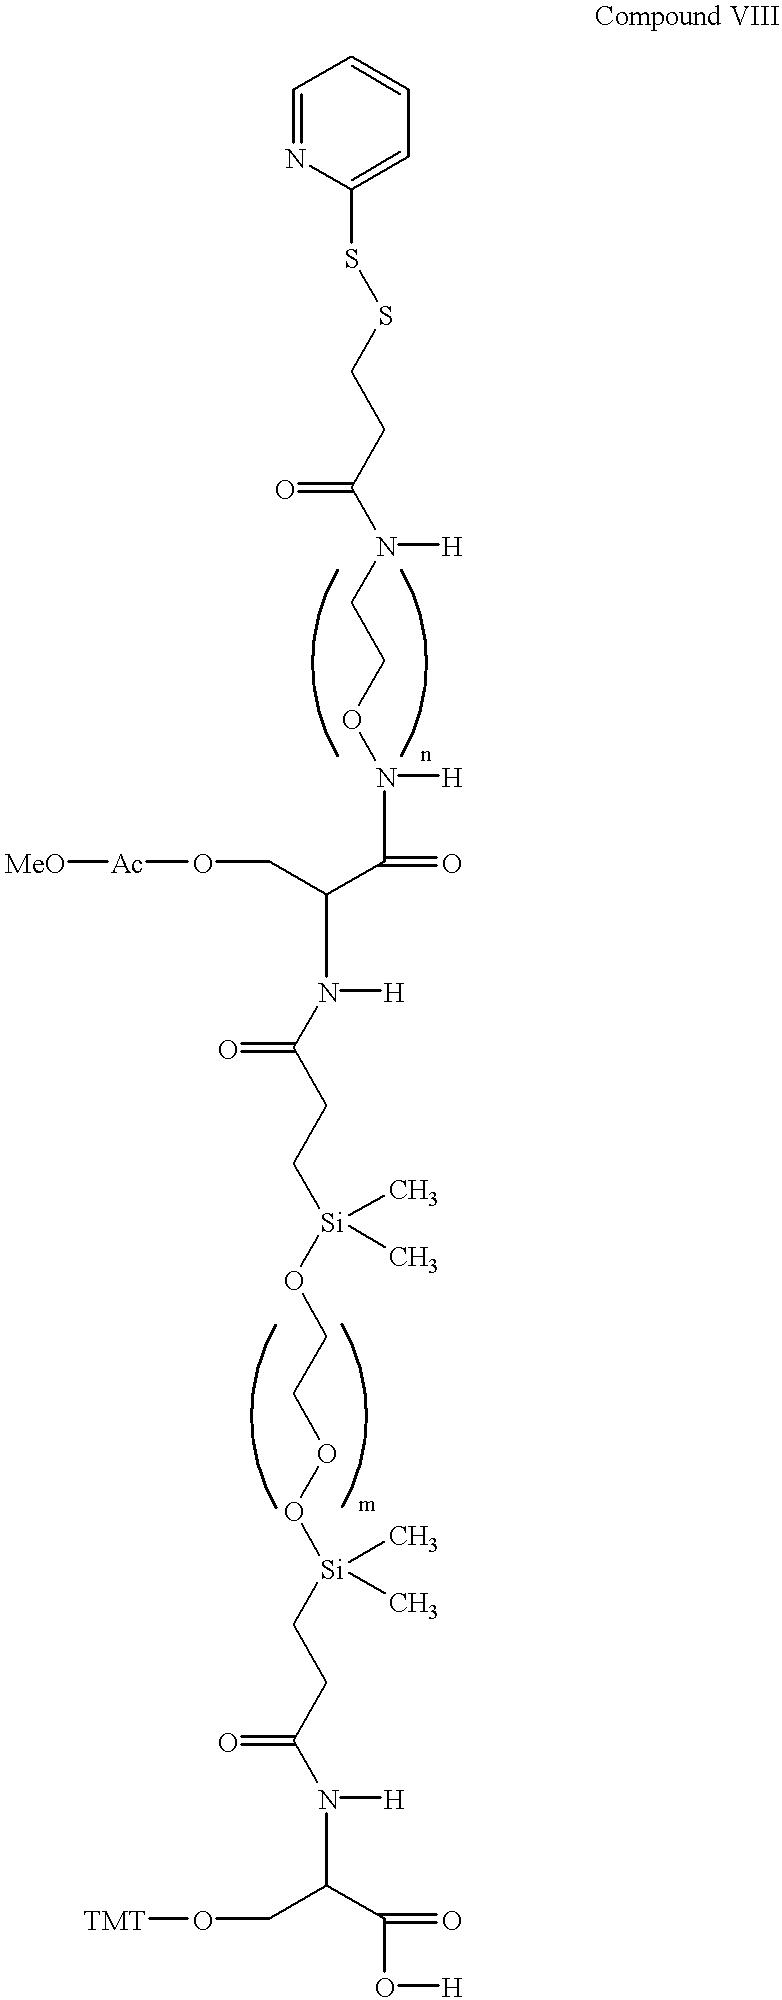 Figure US06331275-20011218-C00008